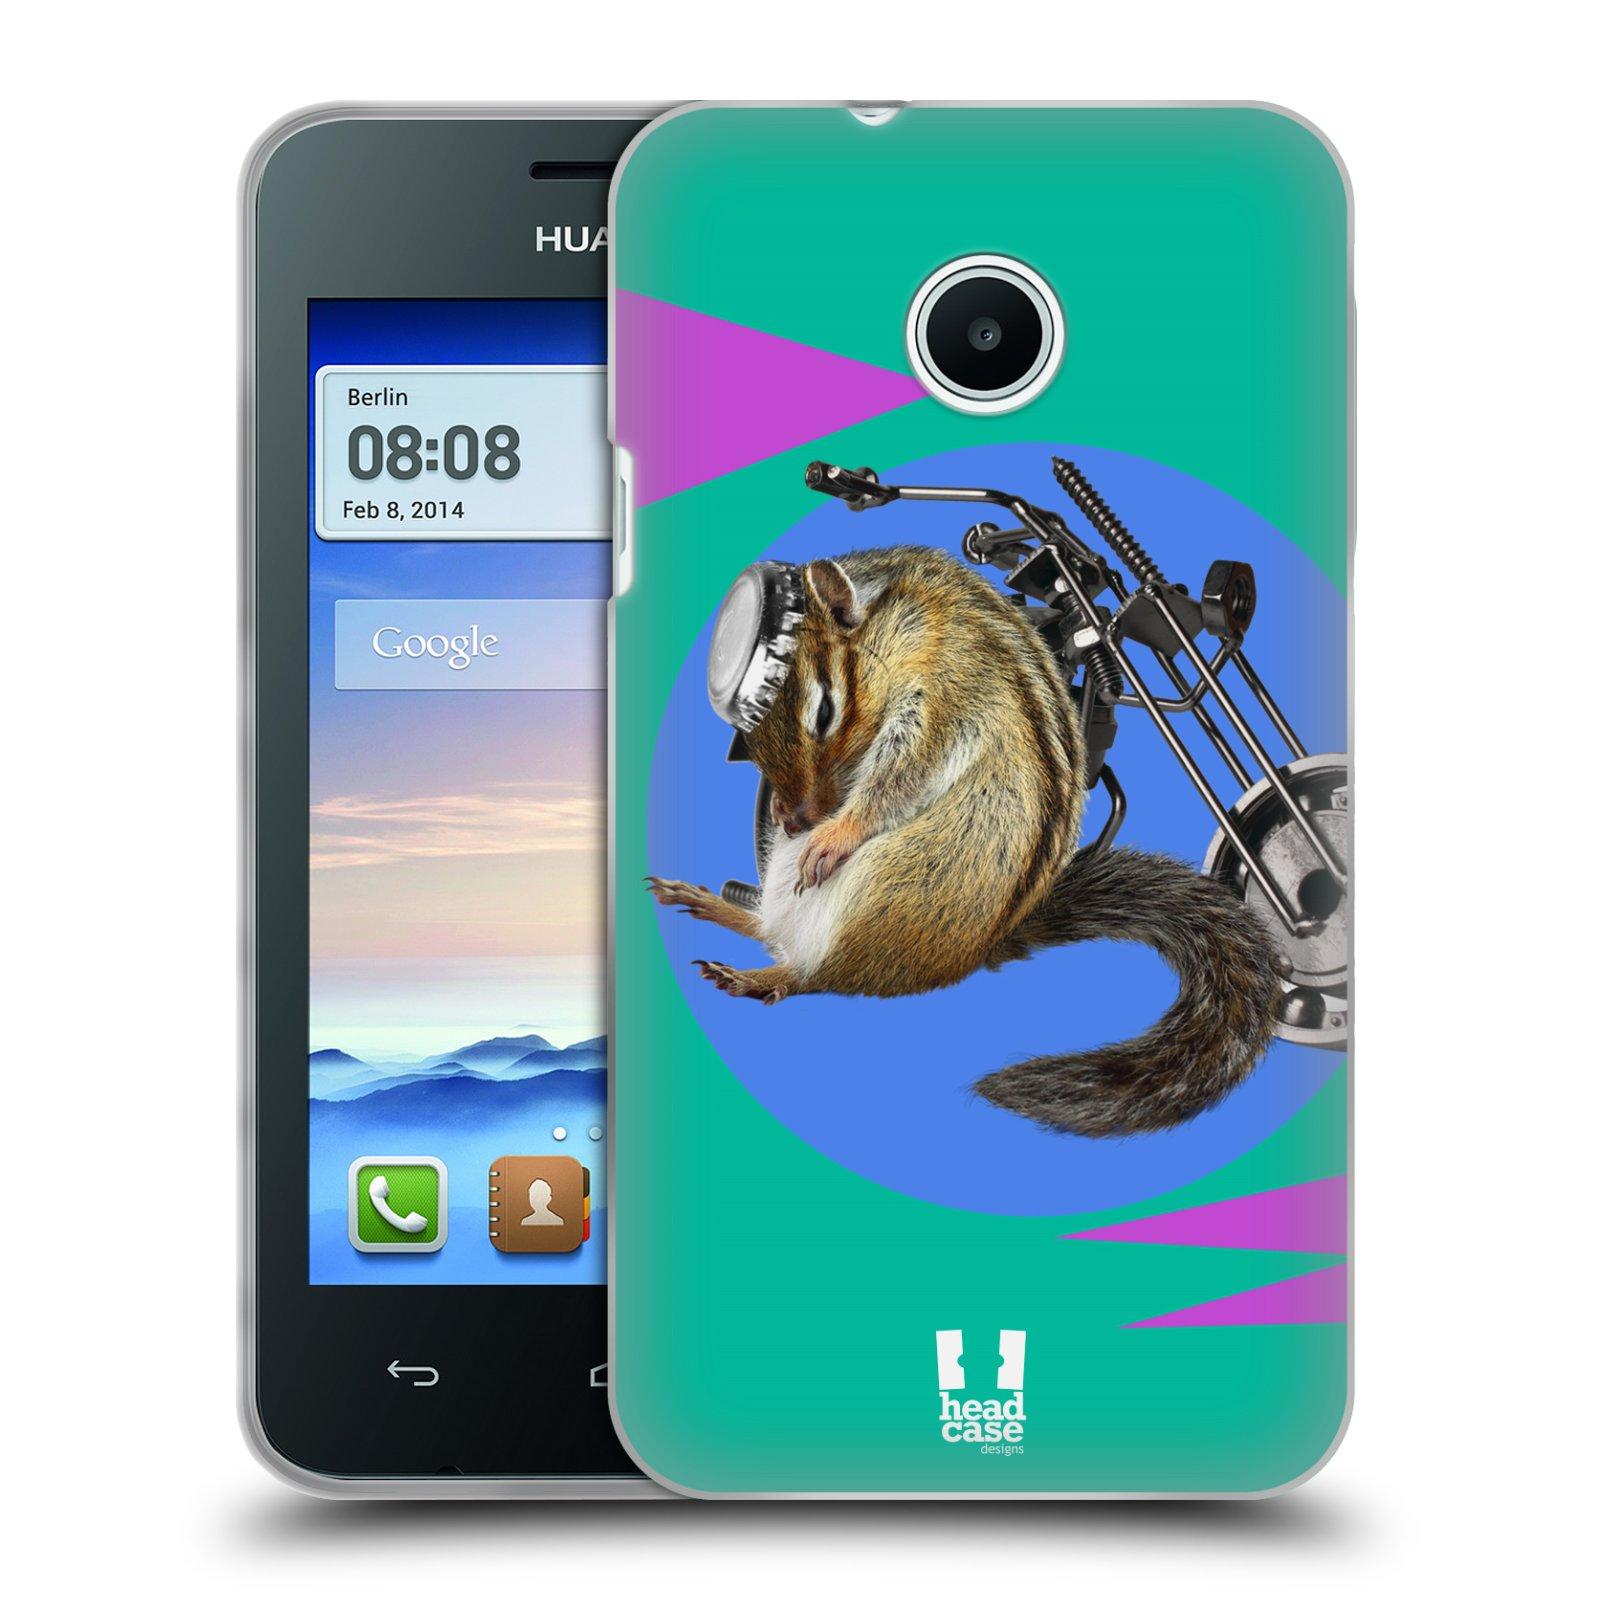 HEAD CASE silikonový obal na mobil Huawei Ascend Y330 Legrační zvířátka veverka motorkář chipmunk